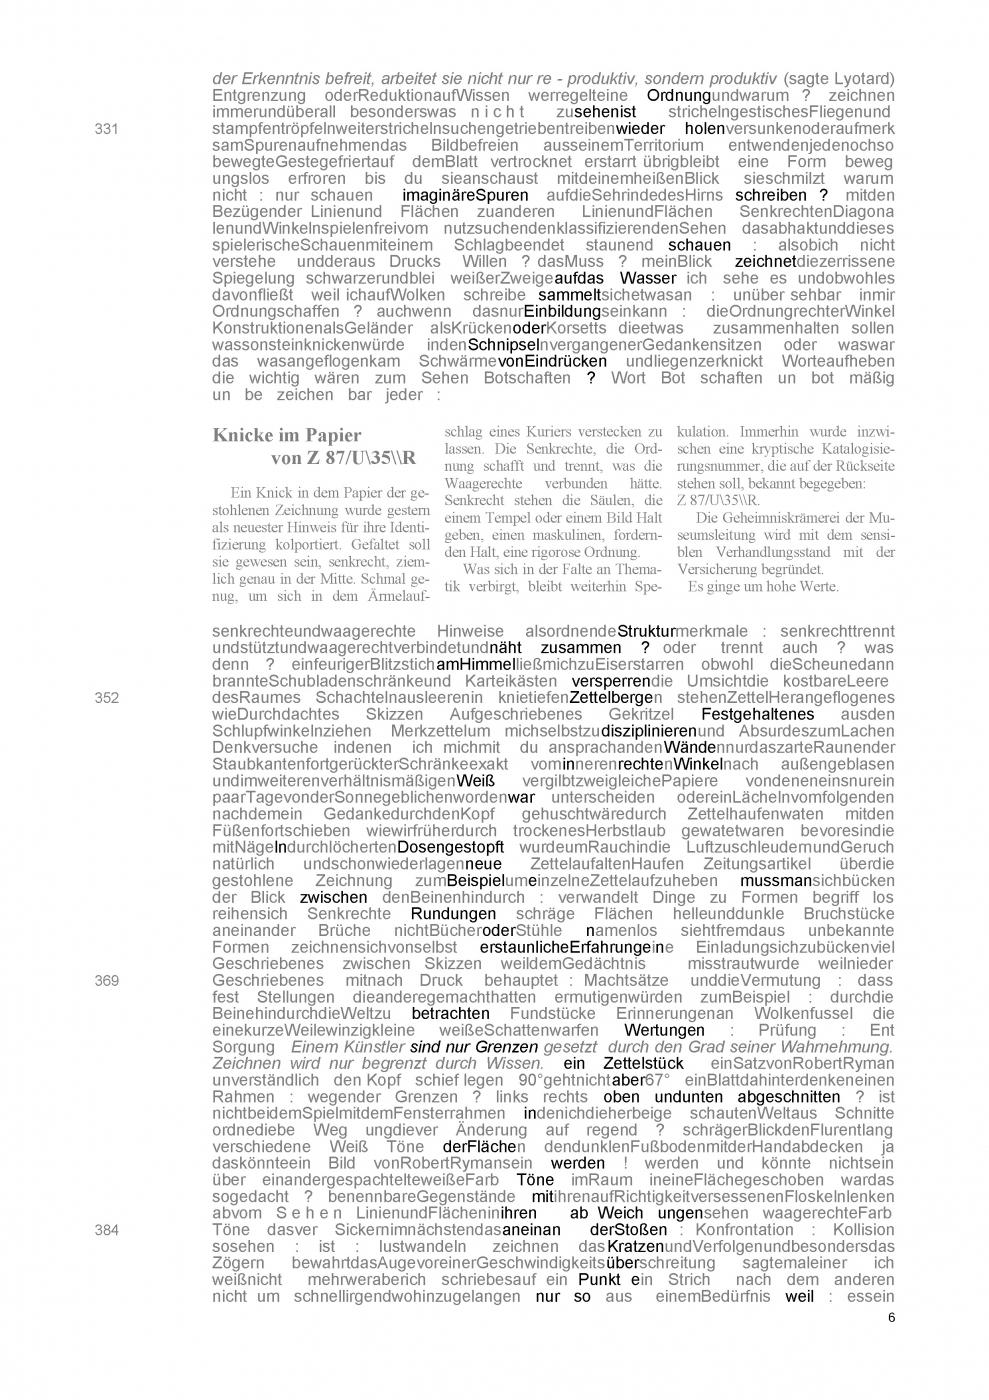 GestohleneZeichnung_Seite_06